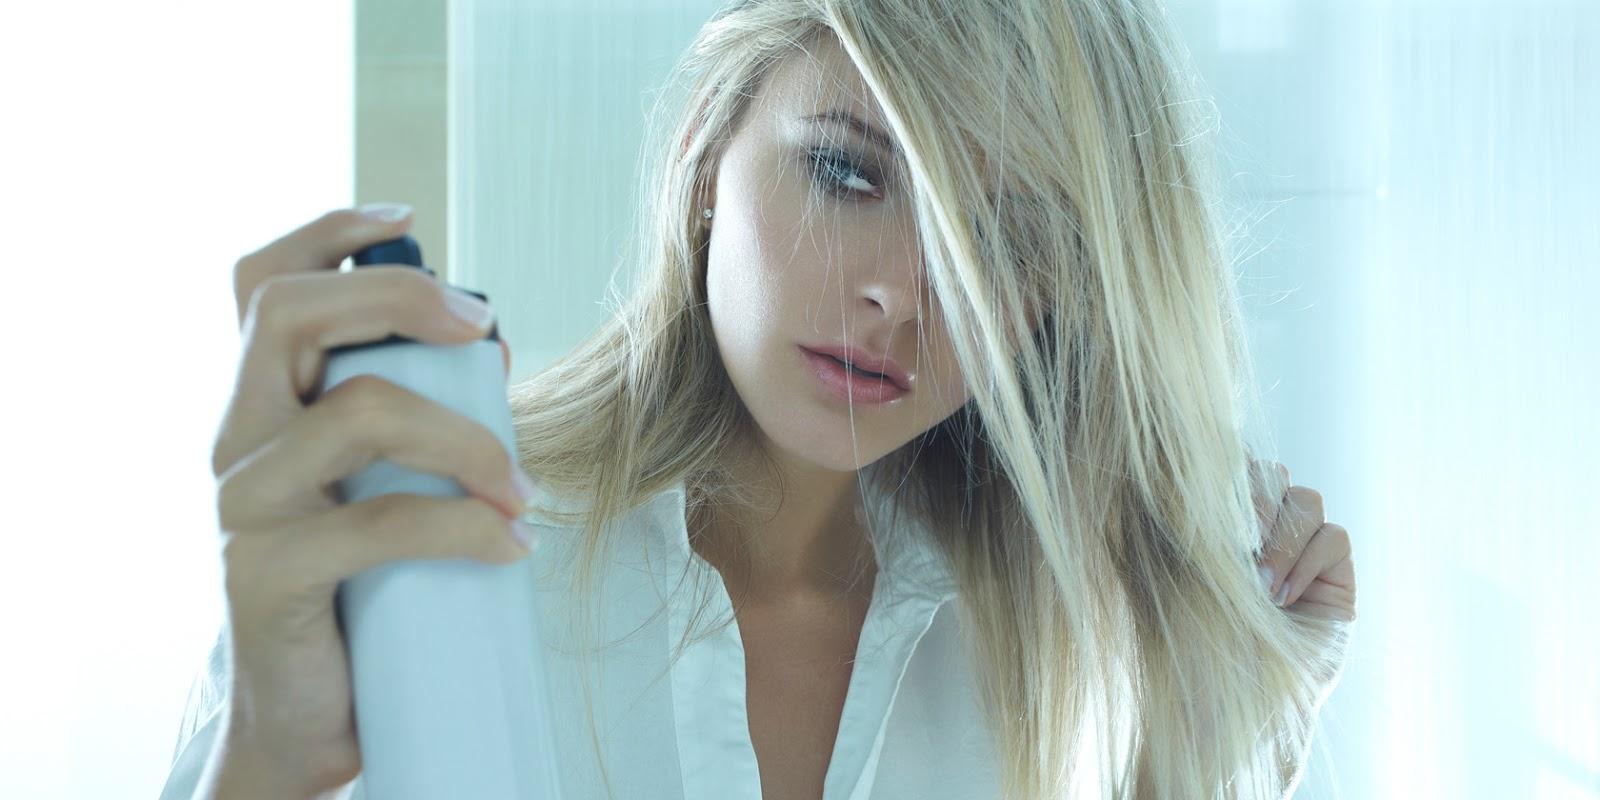 #10 zaskakujących zastosowań lakieru do włosów